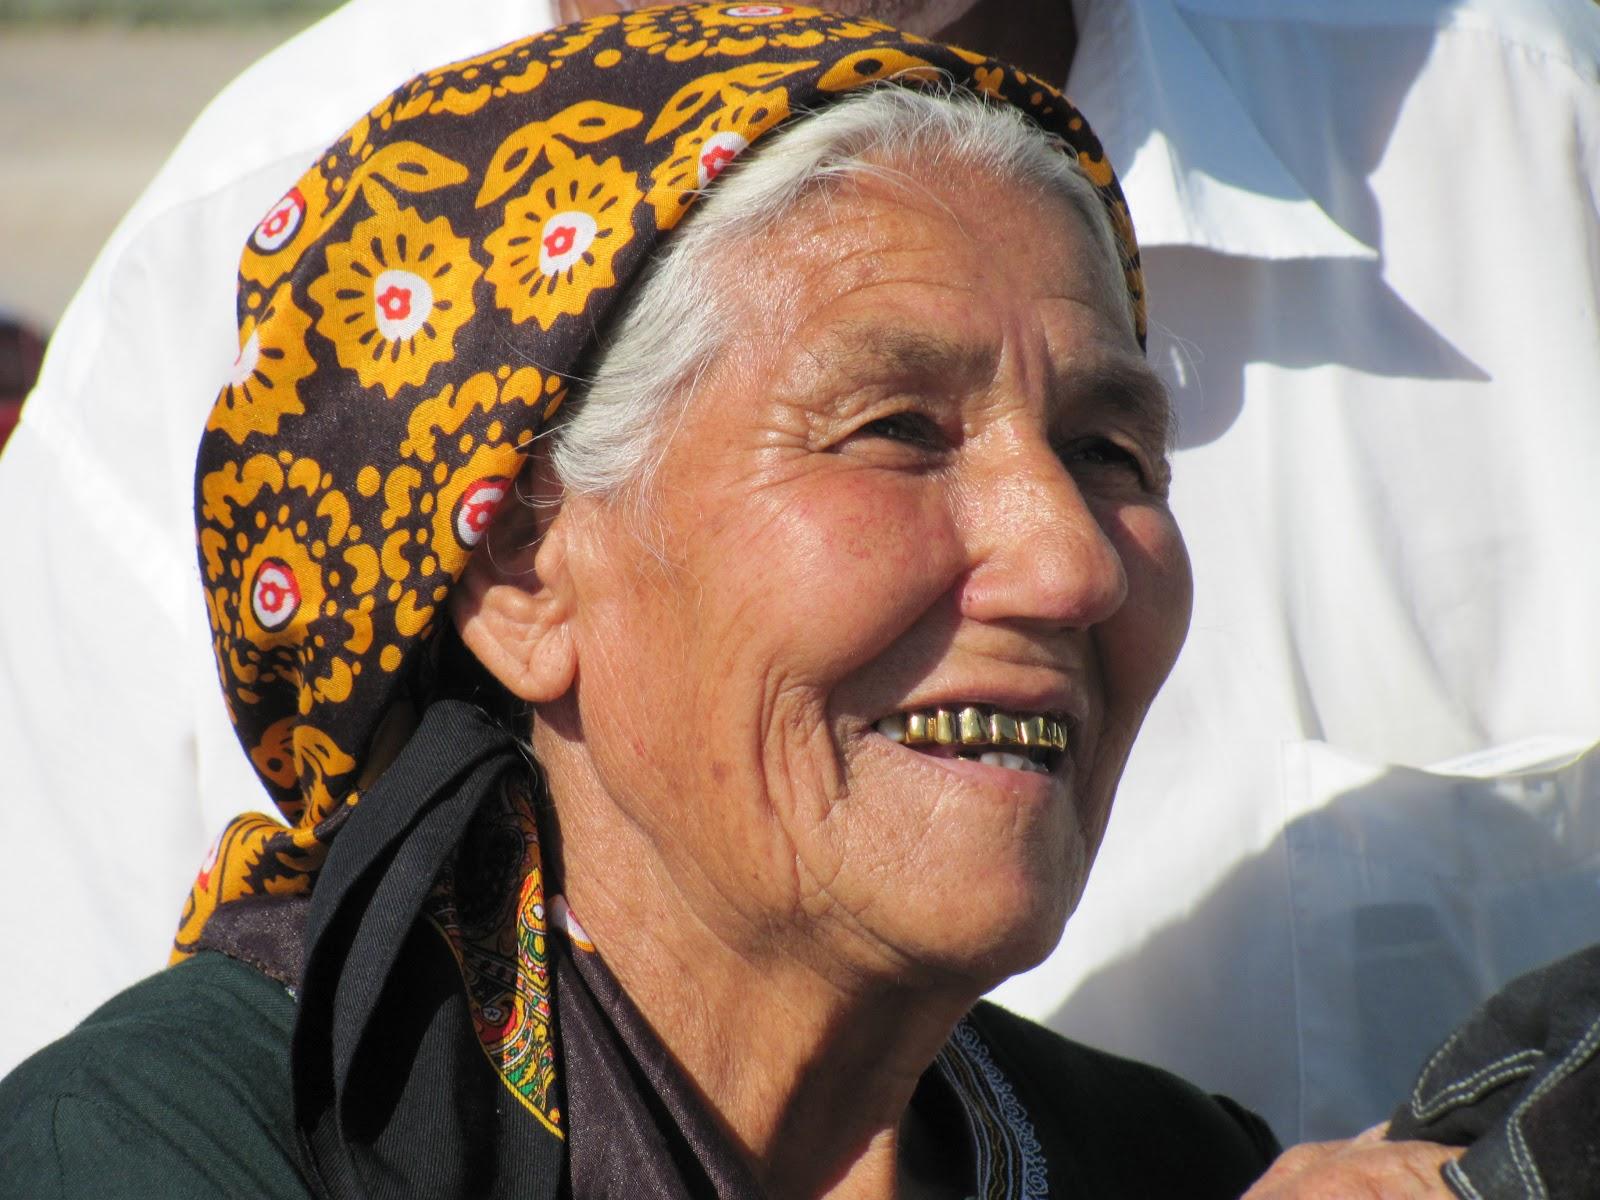 turkmenistan-117.jpg&f=1&nofb=1